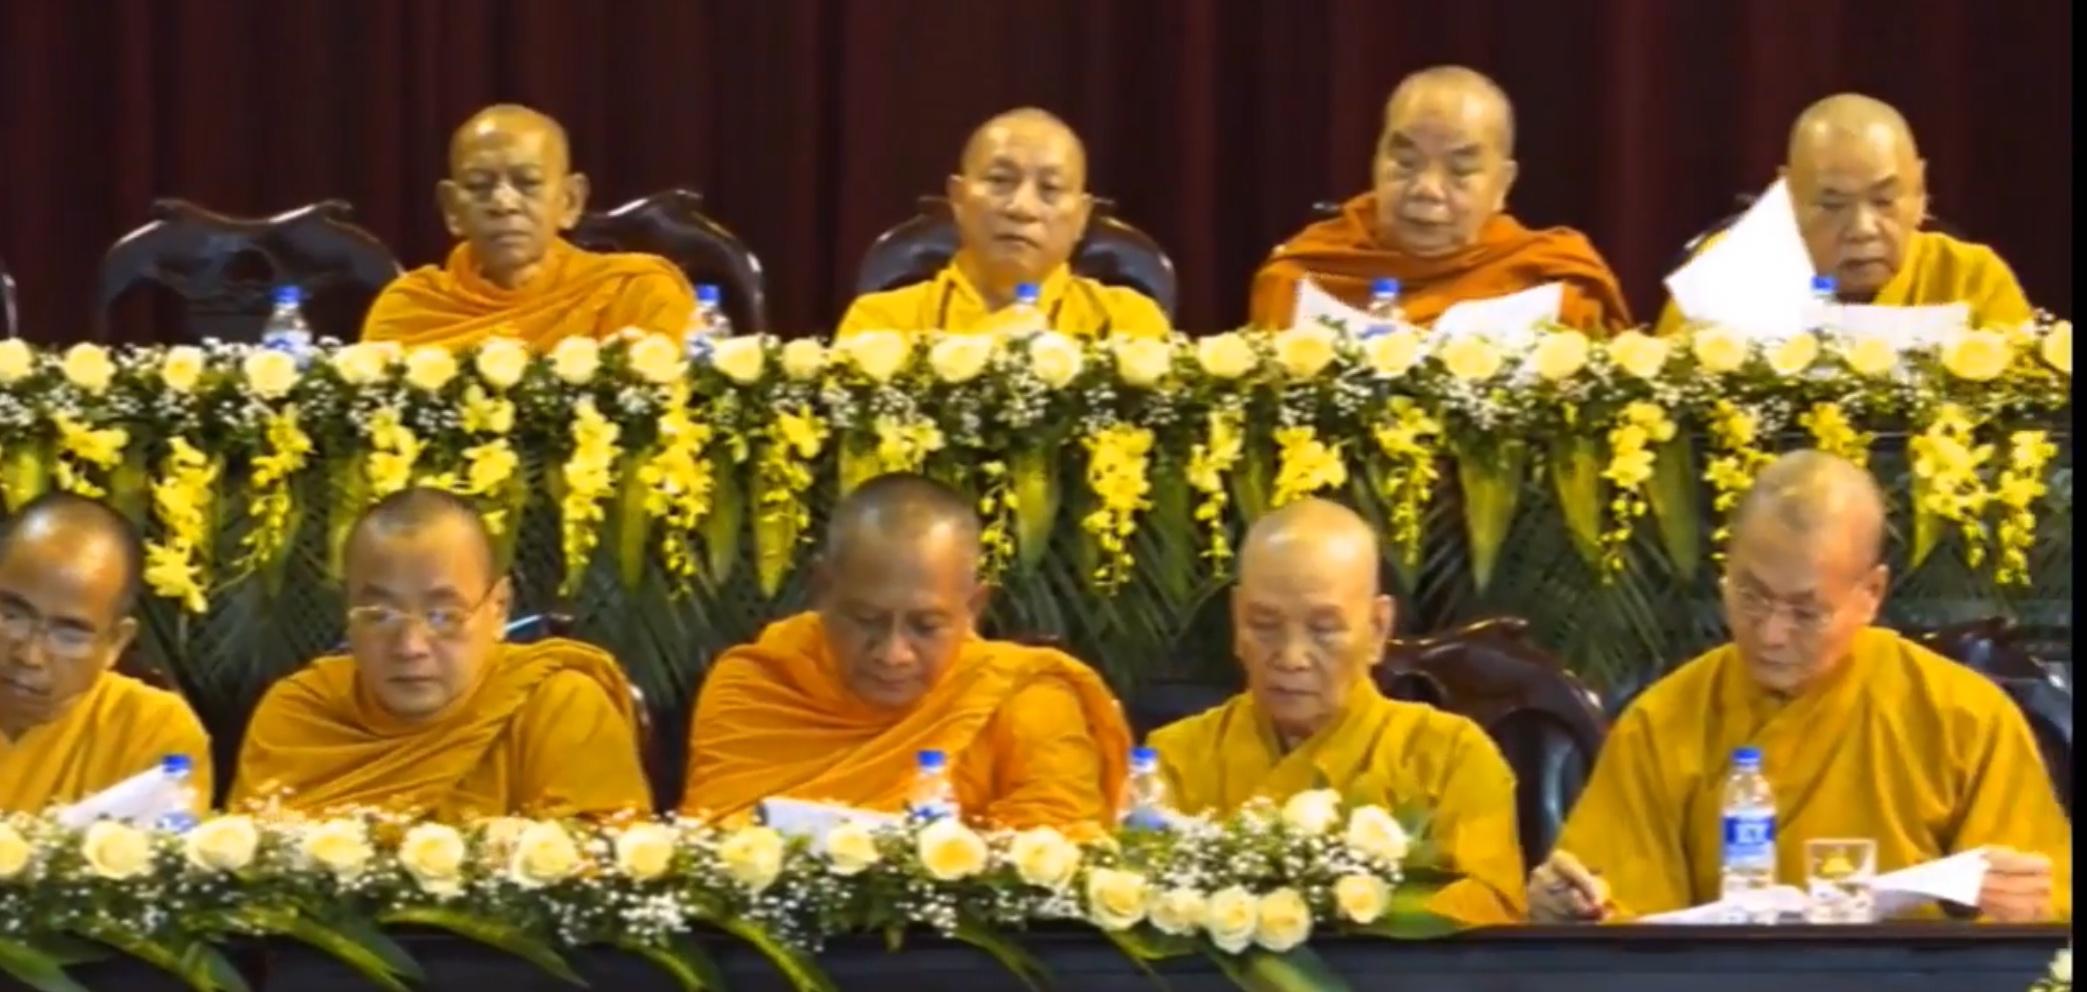 Nghị quyết Hội đồng Trị sự Giáo hội Phật giáo Việt Nam Nhiệm kỳ I